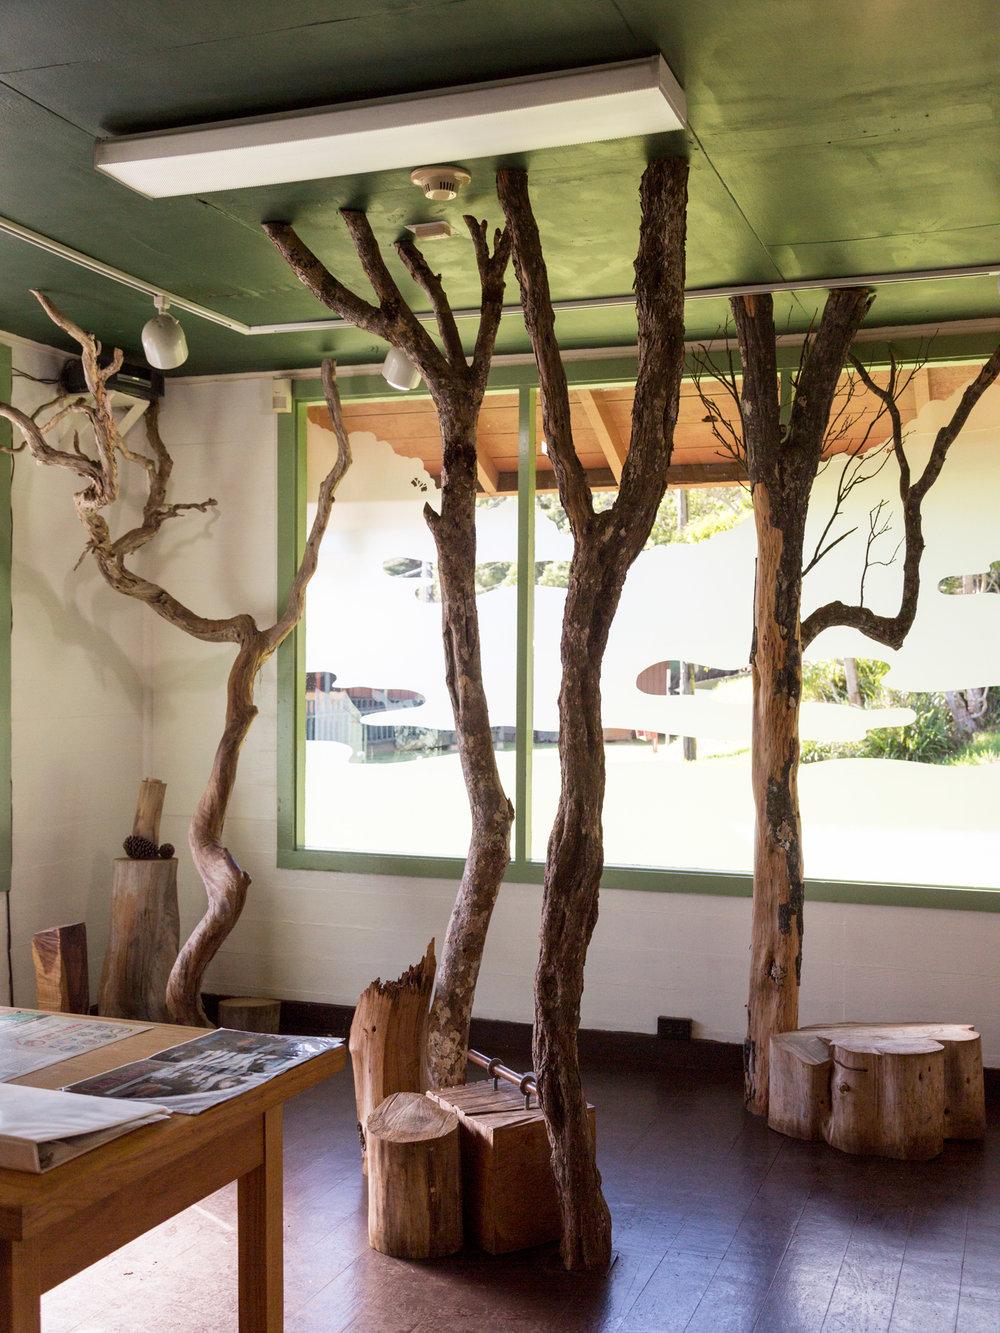 Koke'e Natural History Museum, Kaua'i